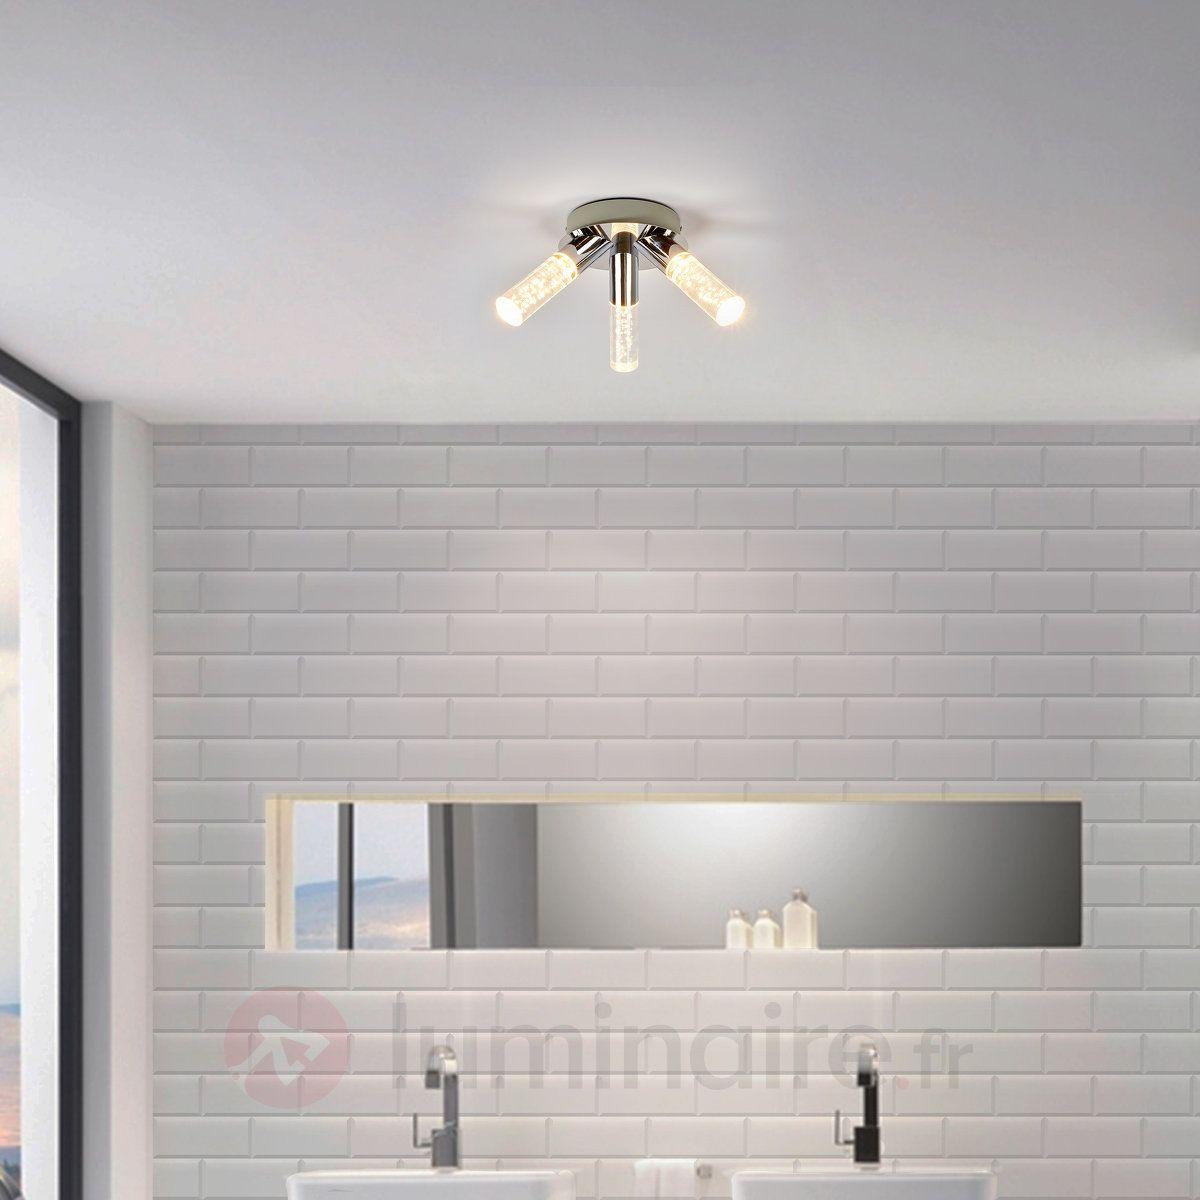 Plafonnier salle de bains LED Duncan à 3 lampes | Salle de ...